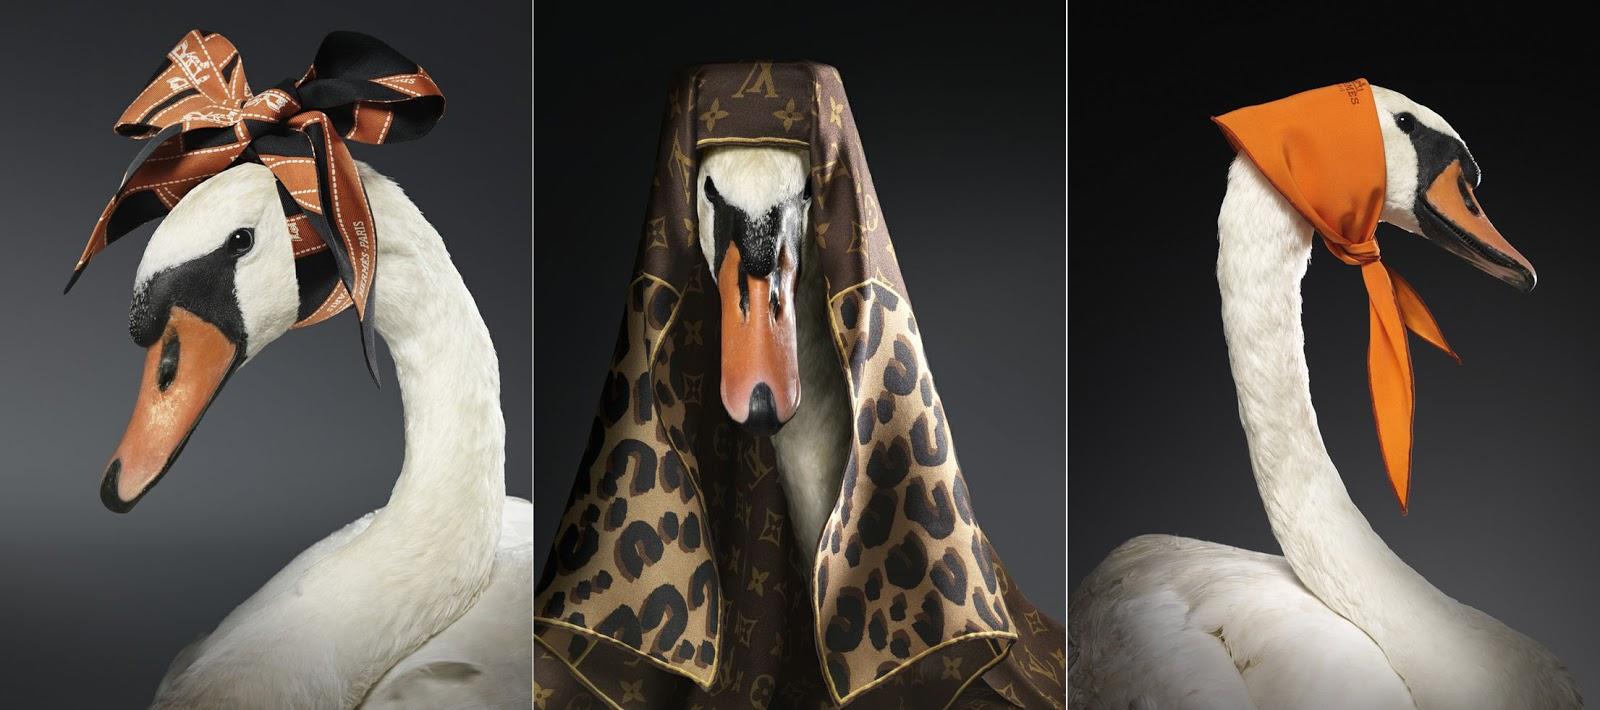 модная одежда, korean fashion, основы корейской моды, корейская мода, корейские бренды, swan, лебедь, грациозность, Ermanno Scervino, Armin Zogbaum